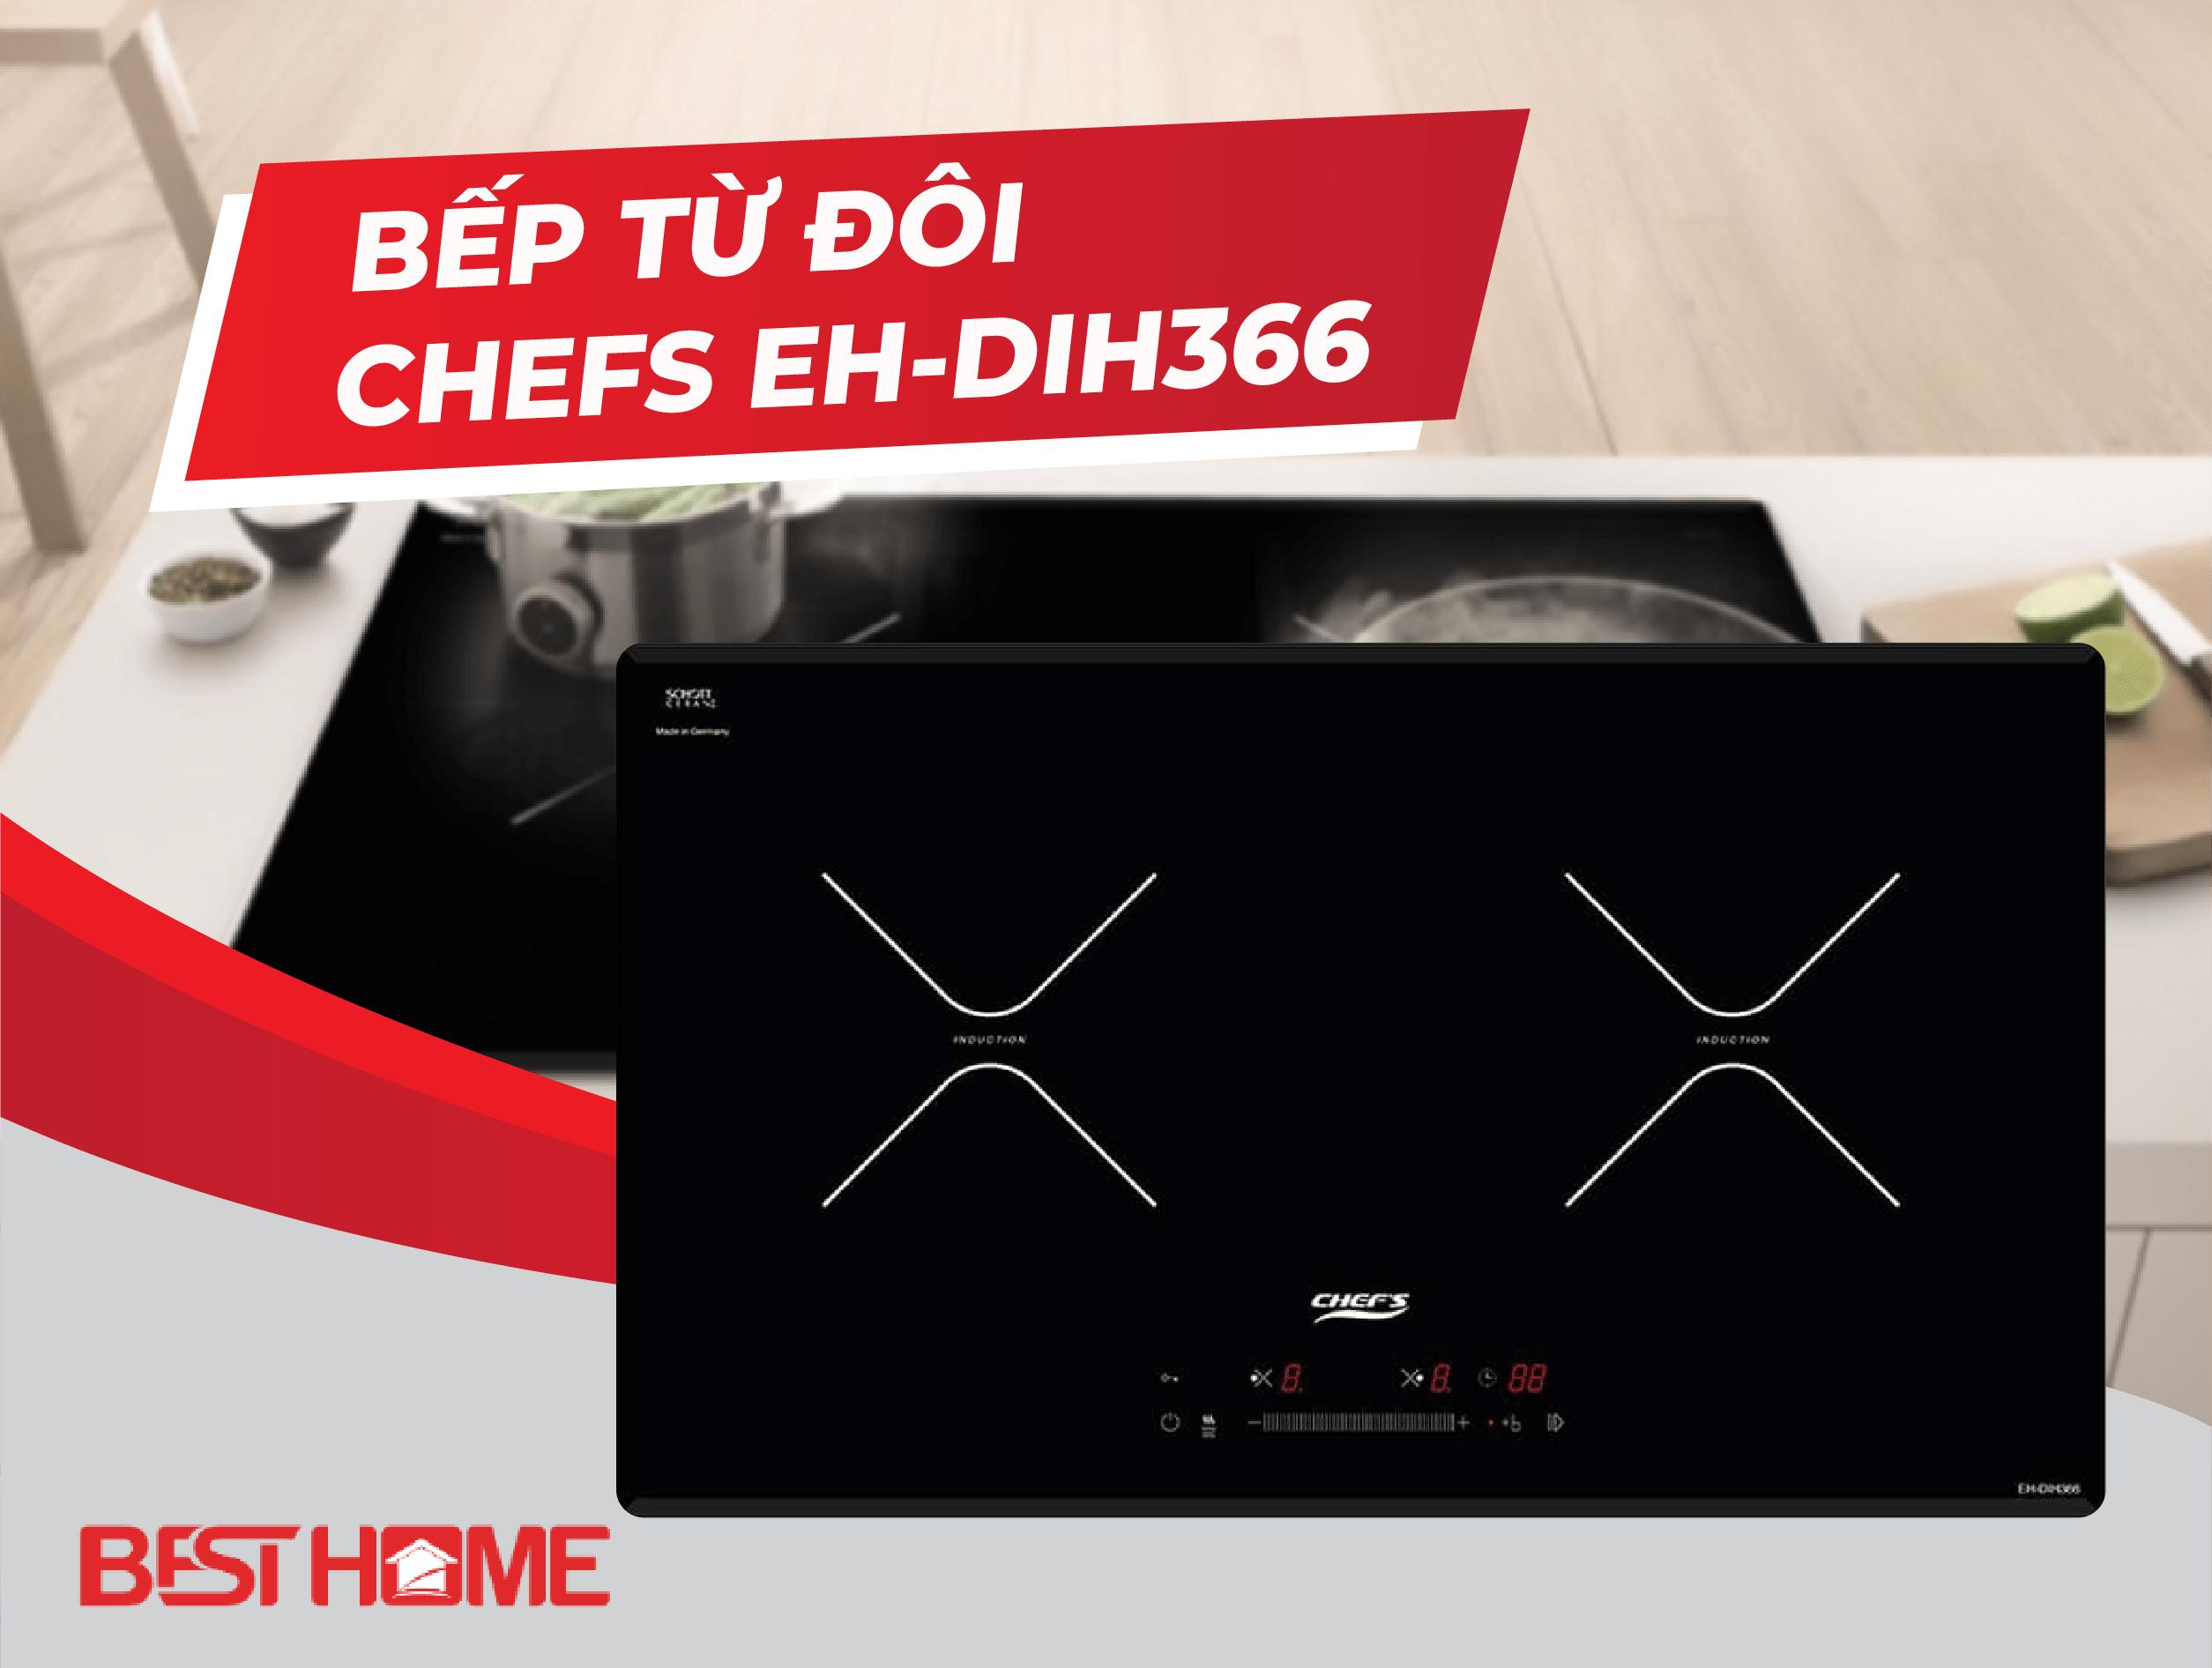 Sản phẩm Bếp từ đôi Chefs EH-DIH366 – bếp 5 sao